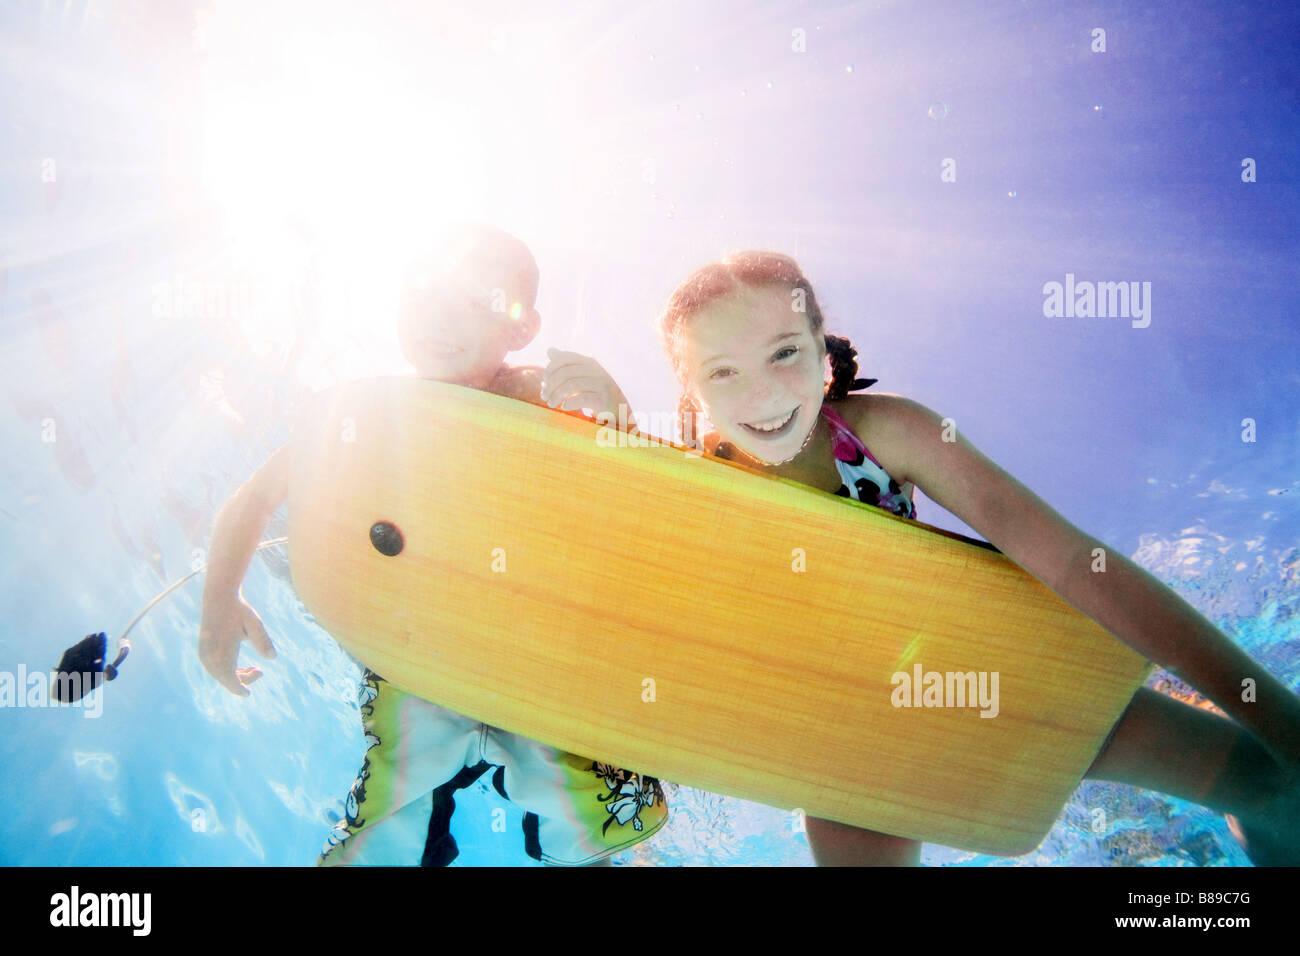 kids swimming underwater - Stock Image